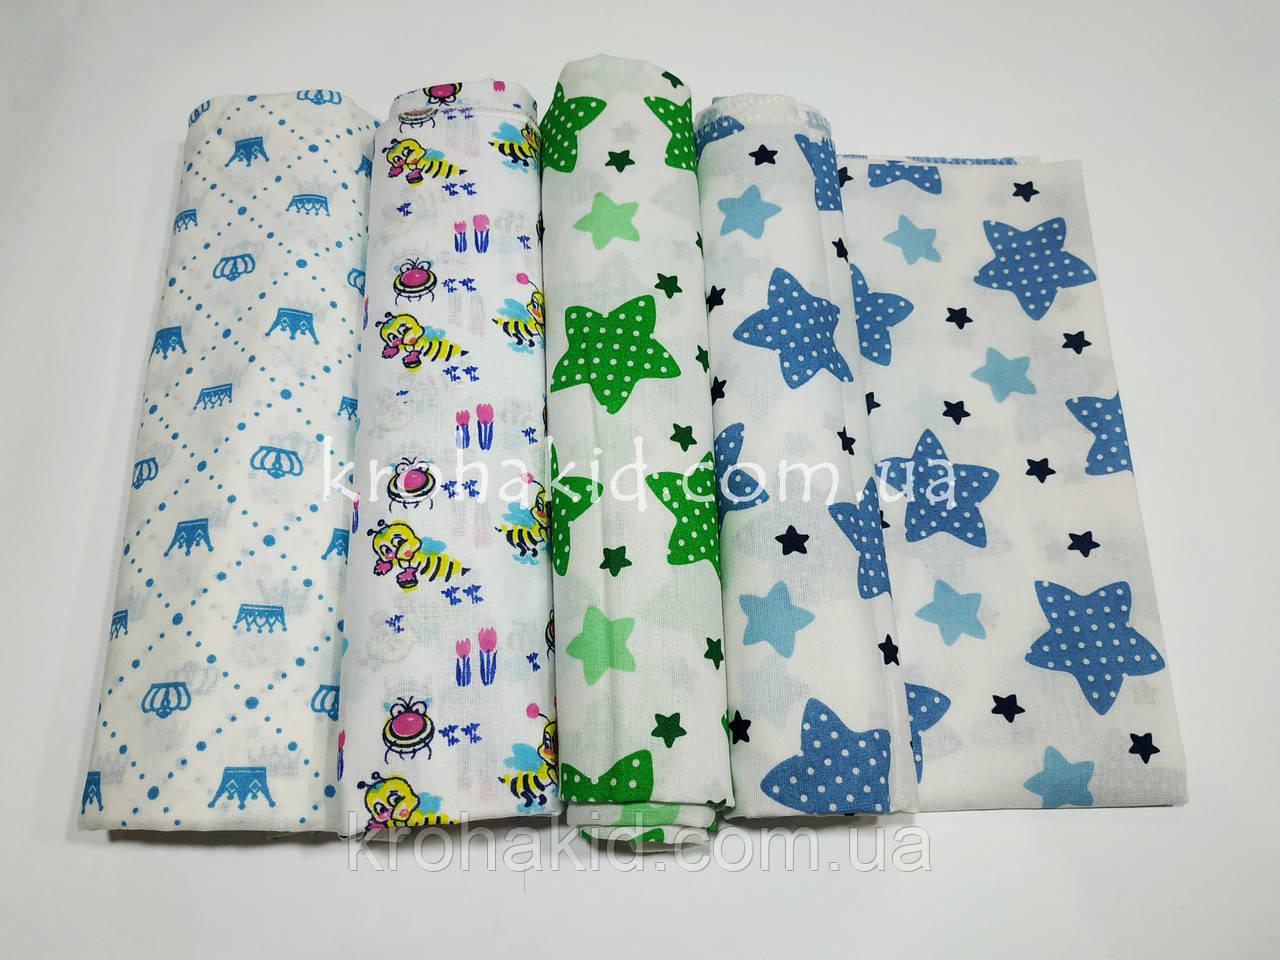 Набор детских ситцевых пеленок (4 шт) для мальчика - 90 х 110 см